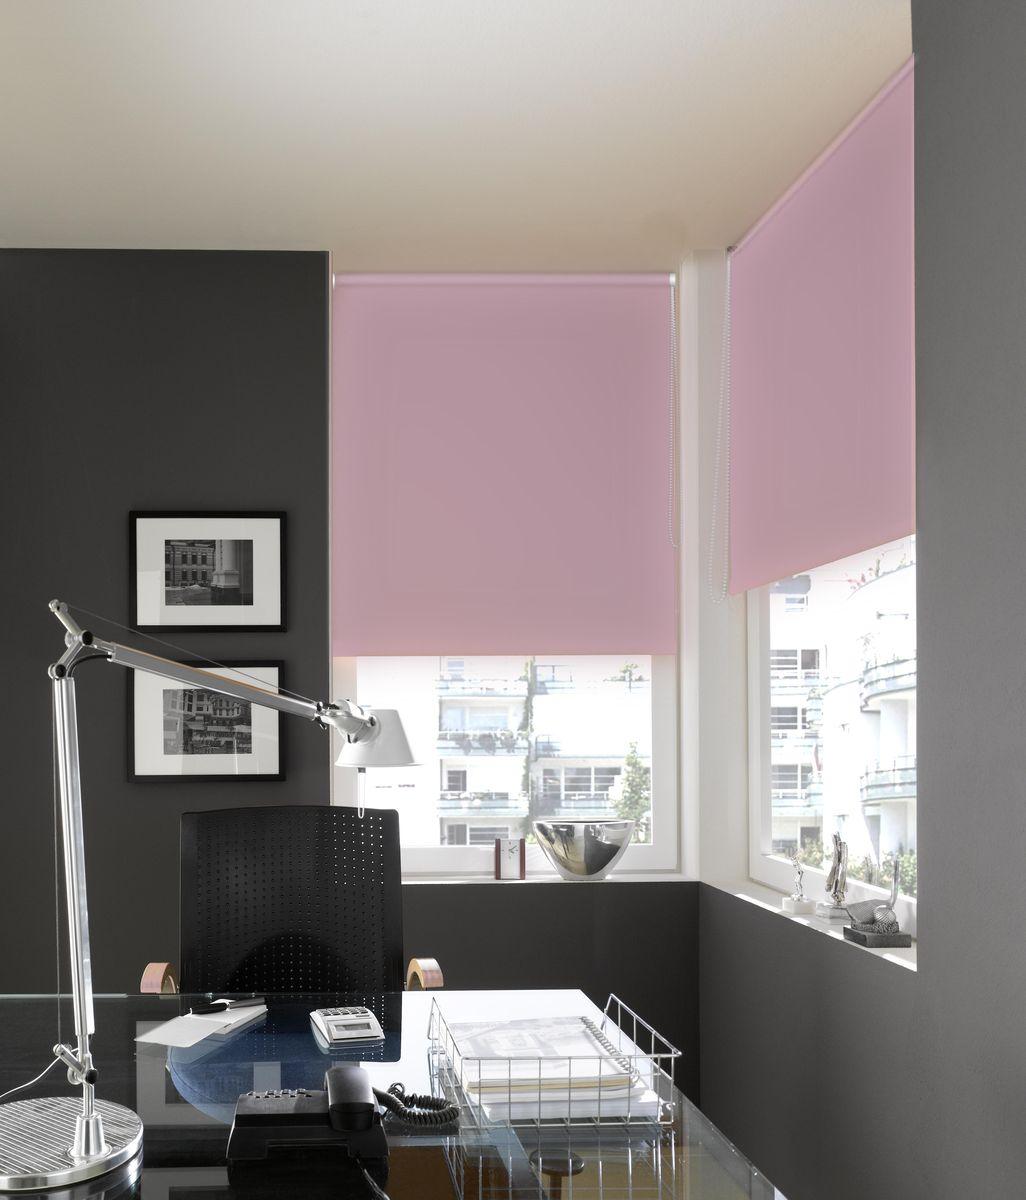 Штора рулонная Эскар Миниролло. Blackout, светонепроницаемые, цвет: розовый, ширина 98 см, высота 170 см34933098170Рулонными шторамиЭскар Миниролло. Blackout можно оформлять окна как самостоятельно, так и использовать в комбинации с портьерами. Это поможет предотвратить выгорание дорогой ткани на солнце и соединит функционал рулонных с красотой навесных. Преимущества применения рулонных штор для пластиковых окон: - имеют прекрасный внешний вид: многообразие и фактурность материала изделия отлично смотрятся в любом интерьере;- многофункциональны: есть возможность подобрать шторы способные эффективно защитить комнату от солнца, при этом она не будет слишком темной;- есть возможность осуществить быстрый монтаж.ВНИМАНИЕ! Размеры ширины изделия указаны по ширине ткани! Во время эксплуатации не рекомендуется полностью разматывать рулон, чтобы не оторвать ткань от намоточного вала. В случае загрязнения поверхности ткани, чистку шторы проводят одним из способов, в зависимости от типа загрязнения:легкое поверхностное загрязнение можно удалить при помощи канцелярского ластика;чистка от пыли производится сухим методом при помощи пылесоса с мягкой щеткой-насадкой;для удаления пятна используйте мягкую губку с пенообразующим неагрессивным моющим средством или пятновыводитель на натуральной основе (нельзя применять растворители).